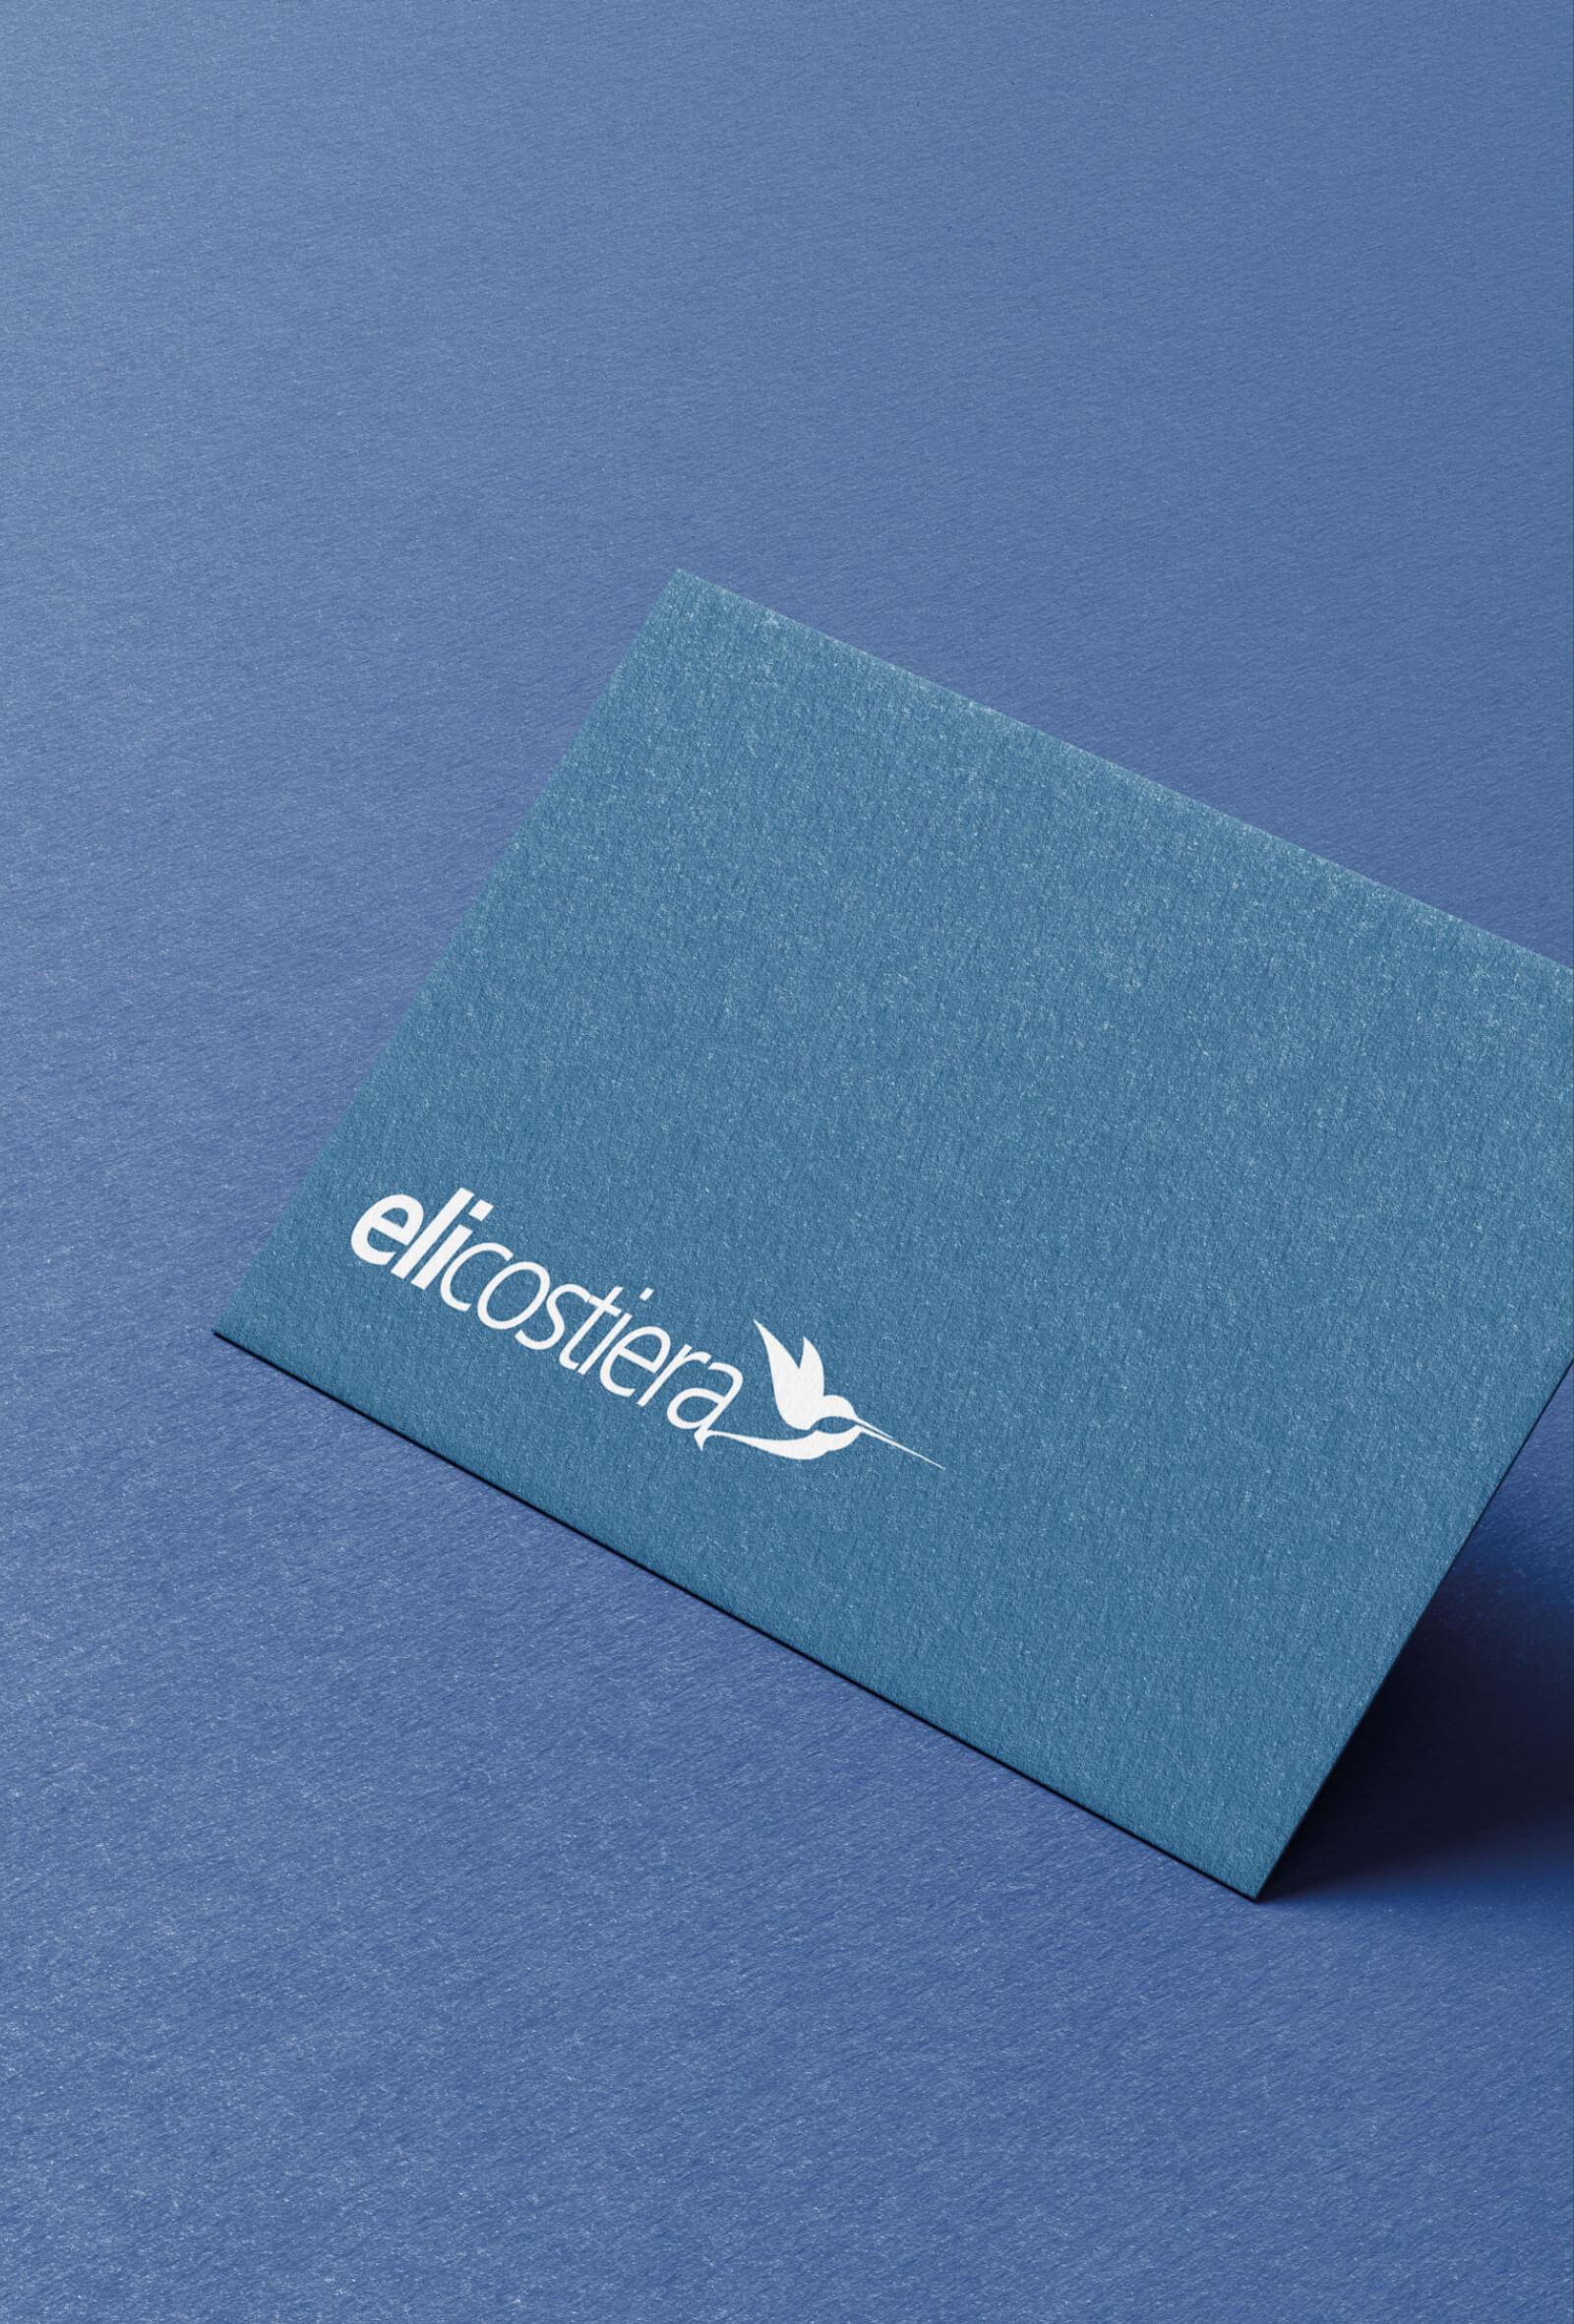 studio del marchio e della immagine coordinata elicostiera, progettato dalla agenzia grafica diadestudio di arco trento